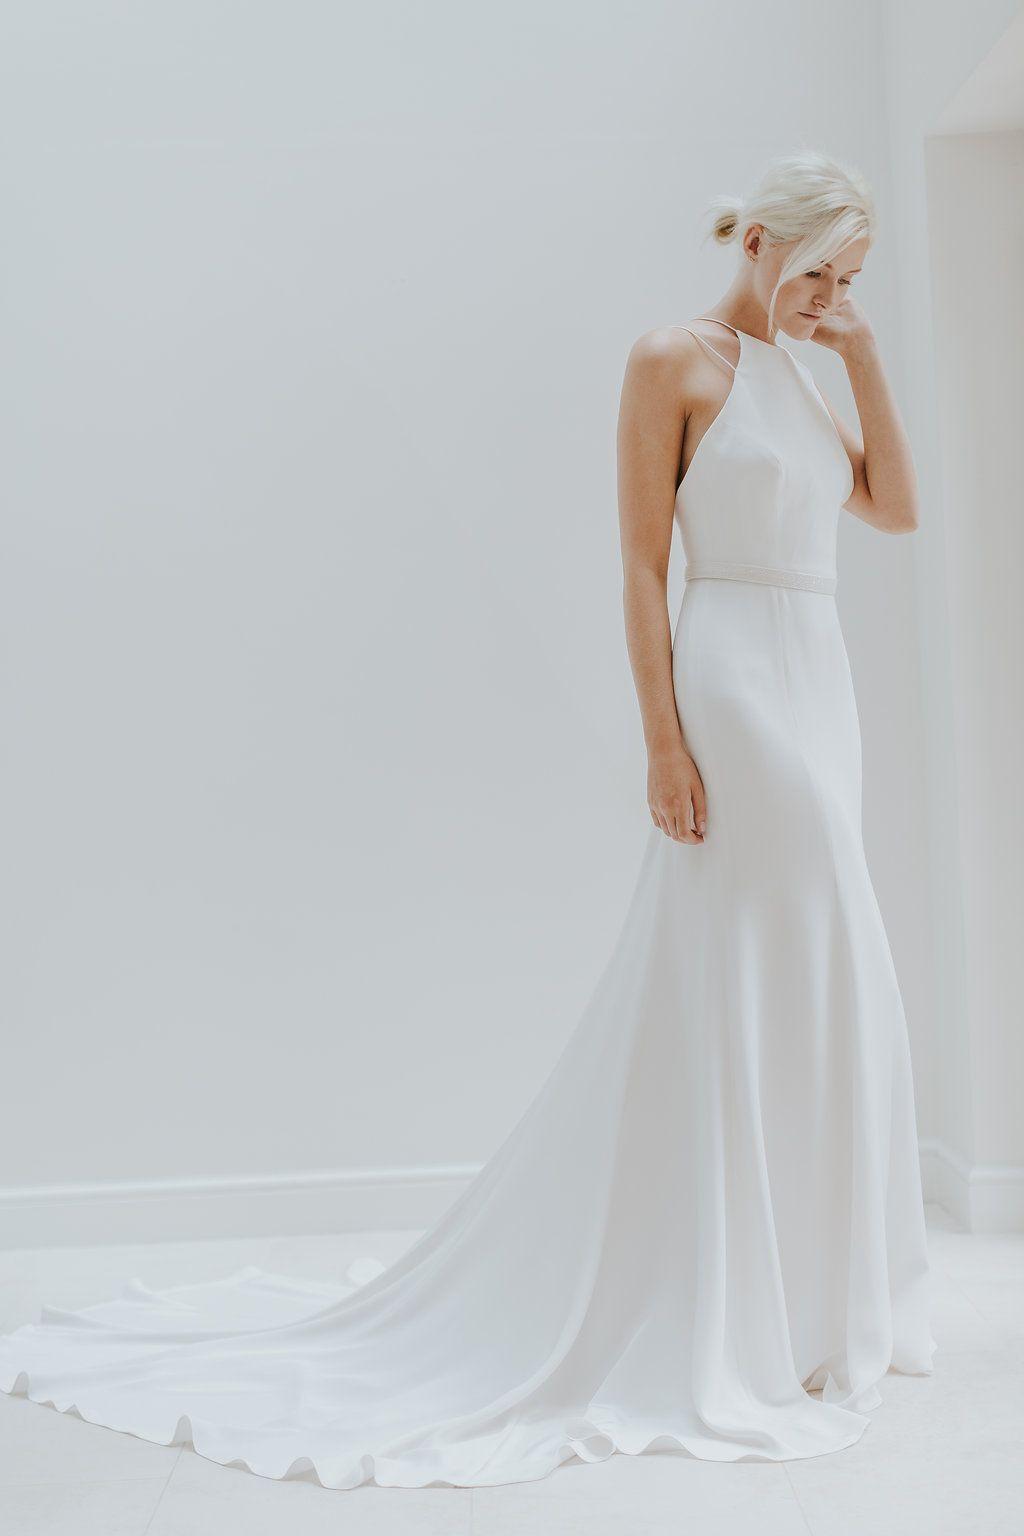 Elegant u minimal bridal gowns by charlotte simpson wedding